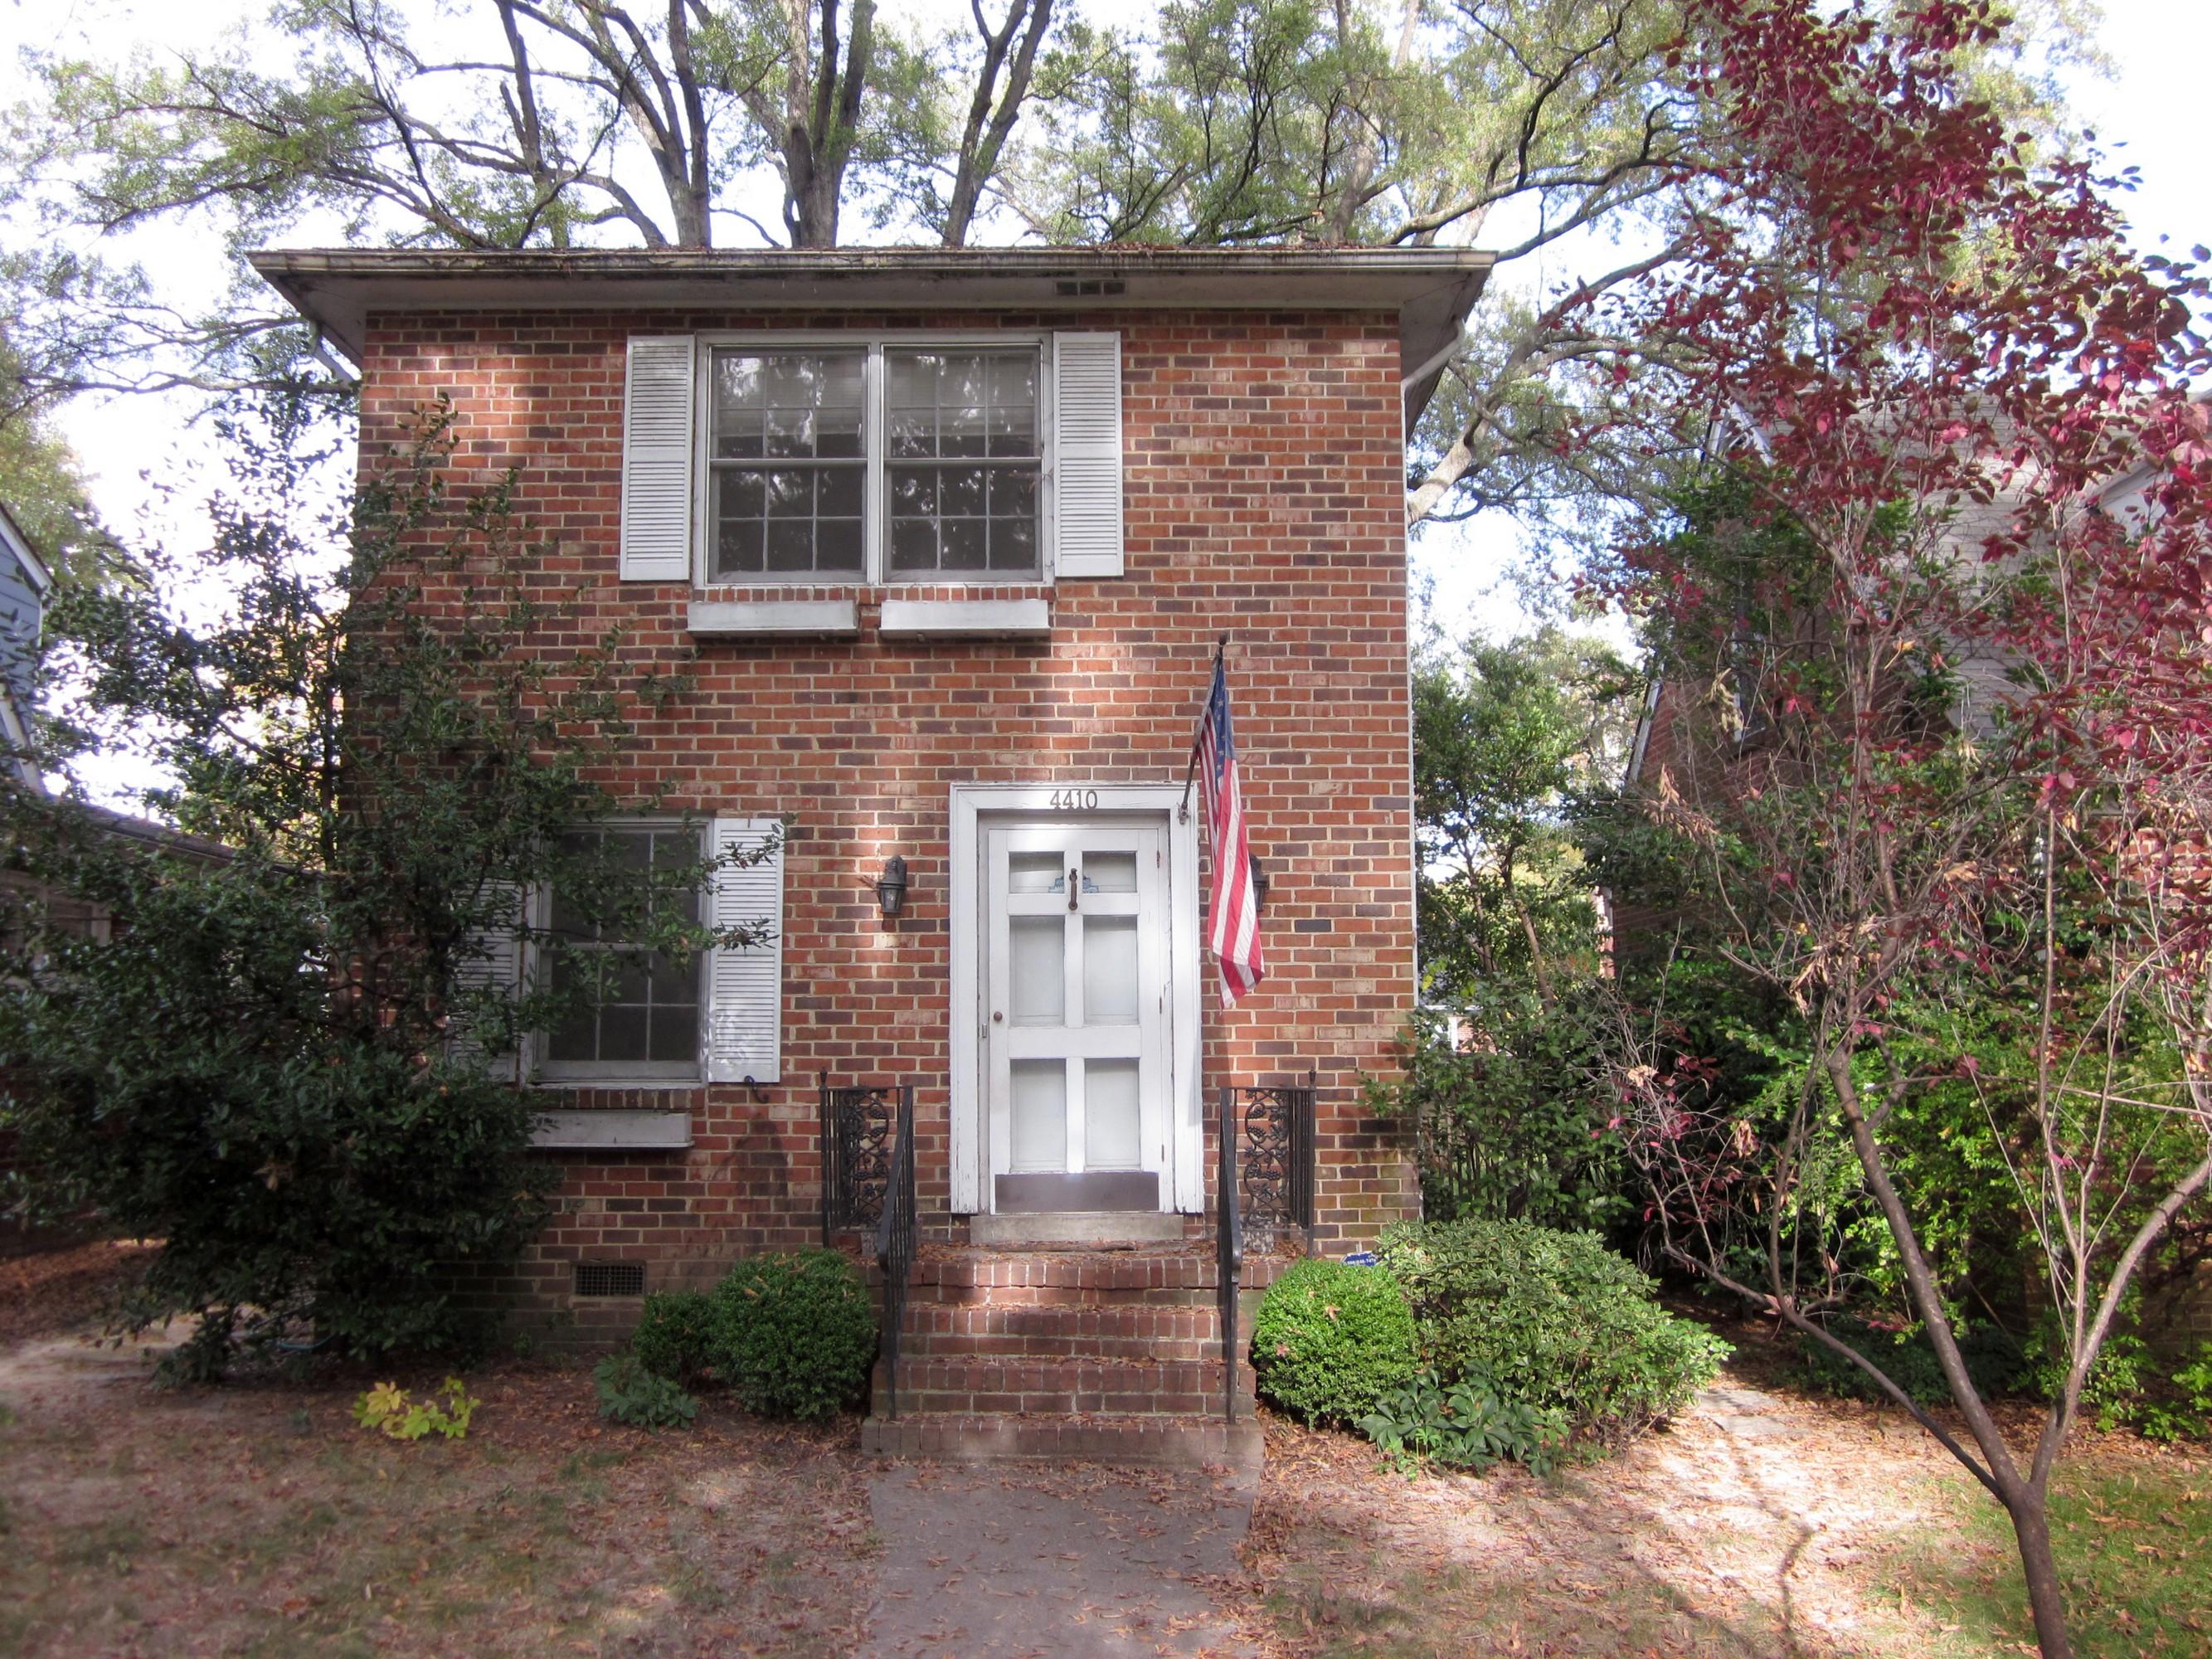 단독 가정 주택 용 매매 에 4410 Leonard, Richmond 4410 Leonard Pkwy Richmond, 버지니아, 23221 미국